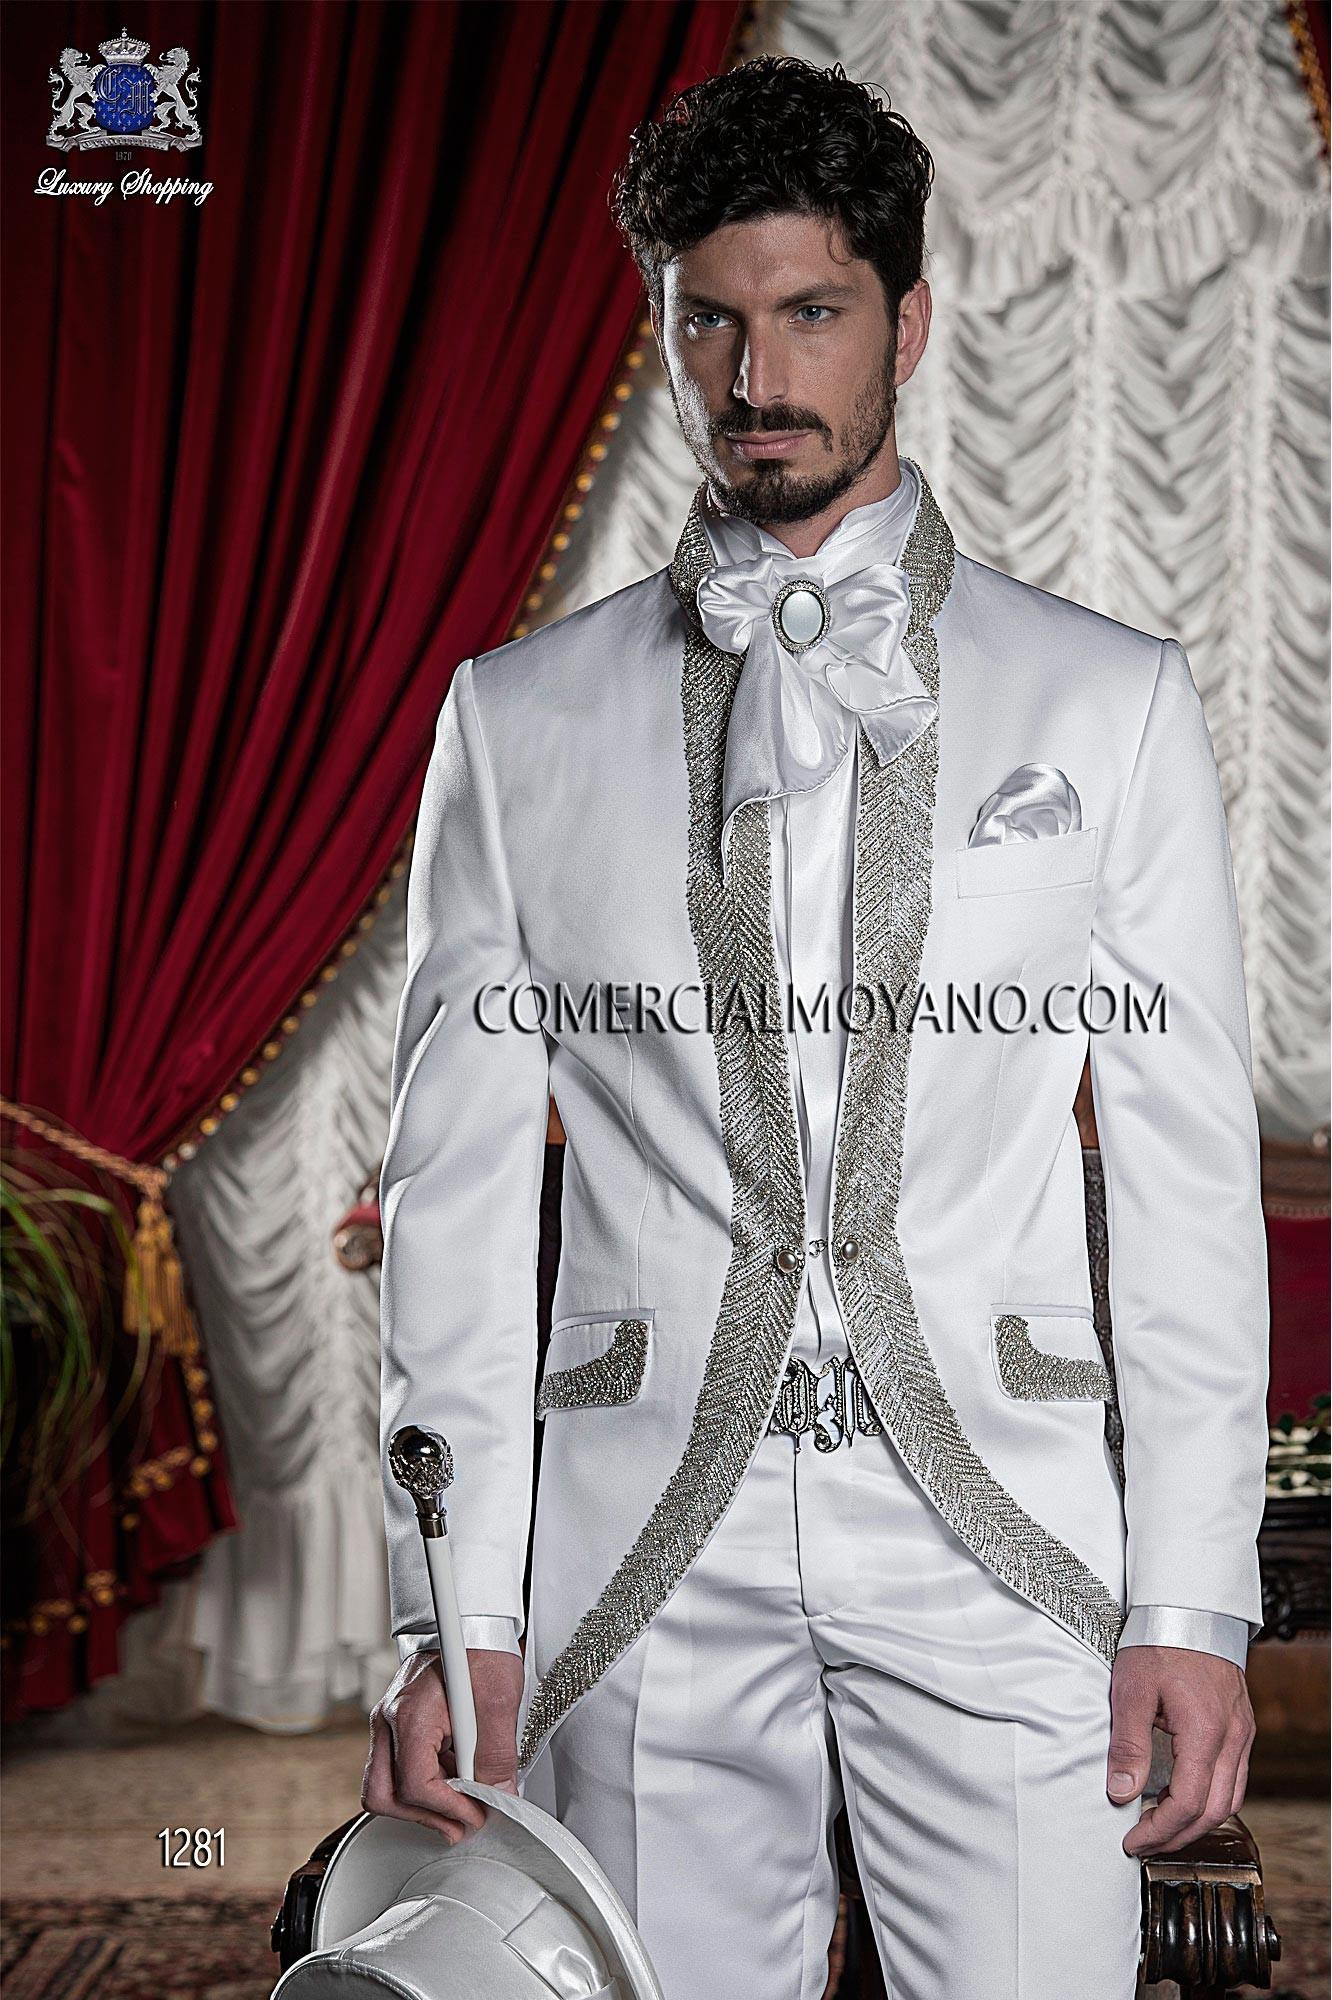 Berühmt Weiße Hochzeit Anzug Für Bräutigam Fotos - Brautkleider ...